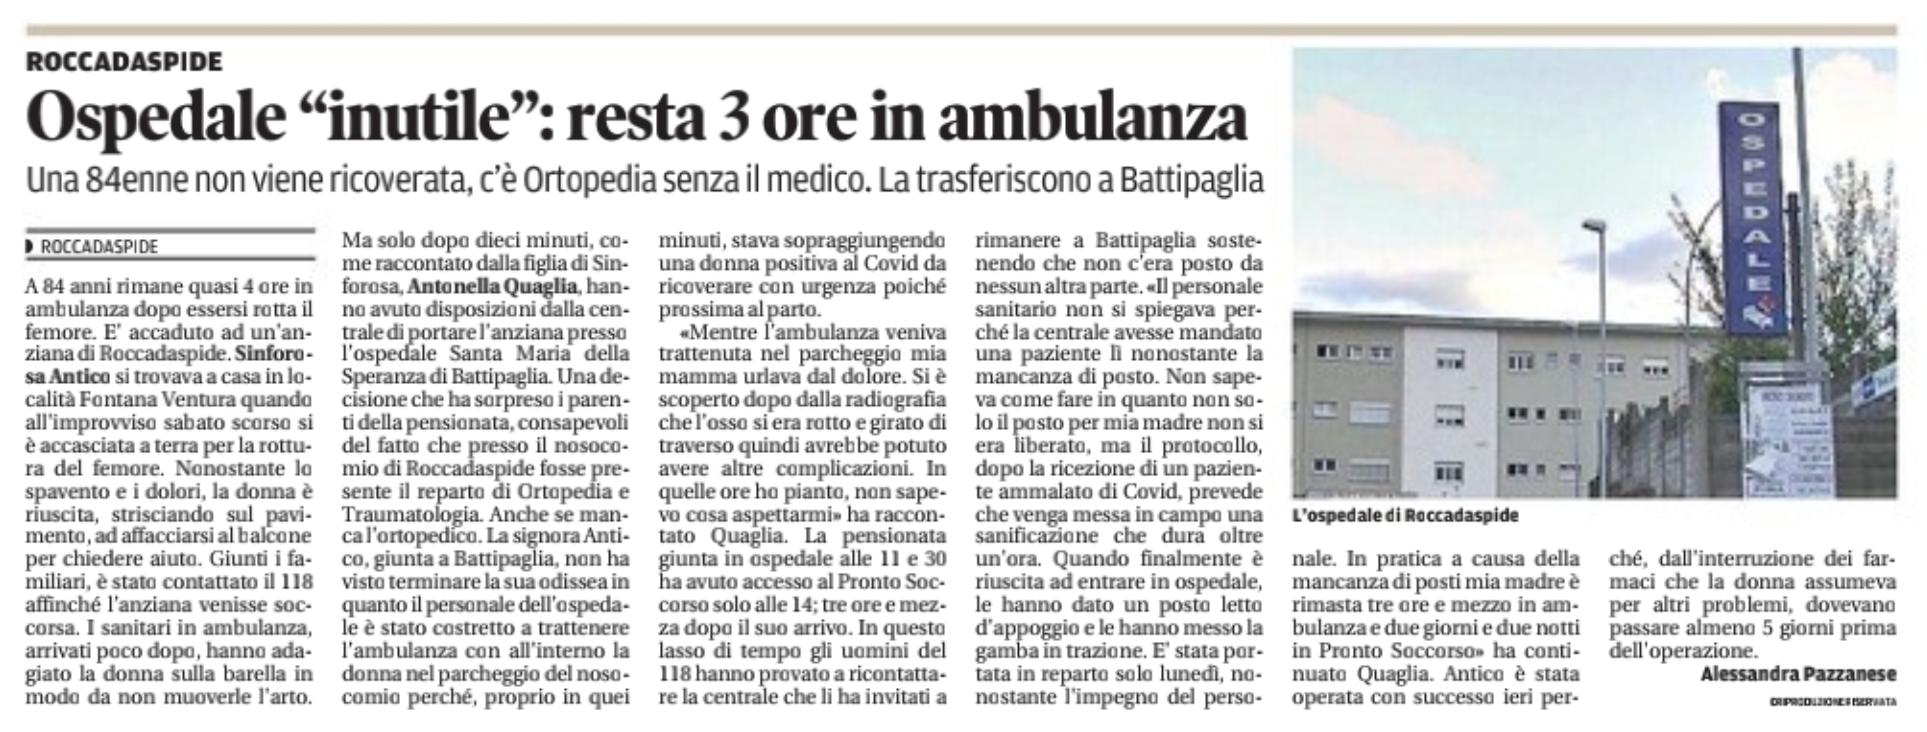 Roccadaspide, ospedale inutile. 3 ore in ambulanza